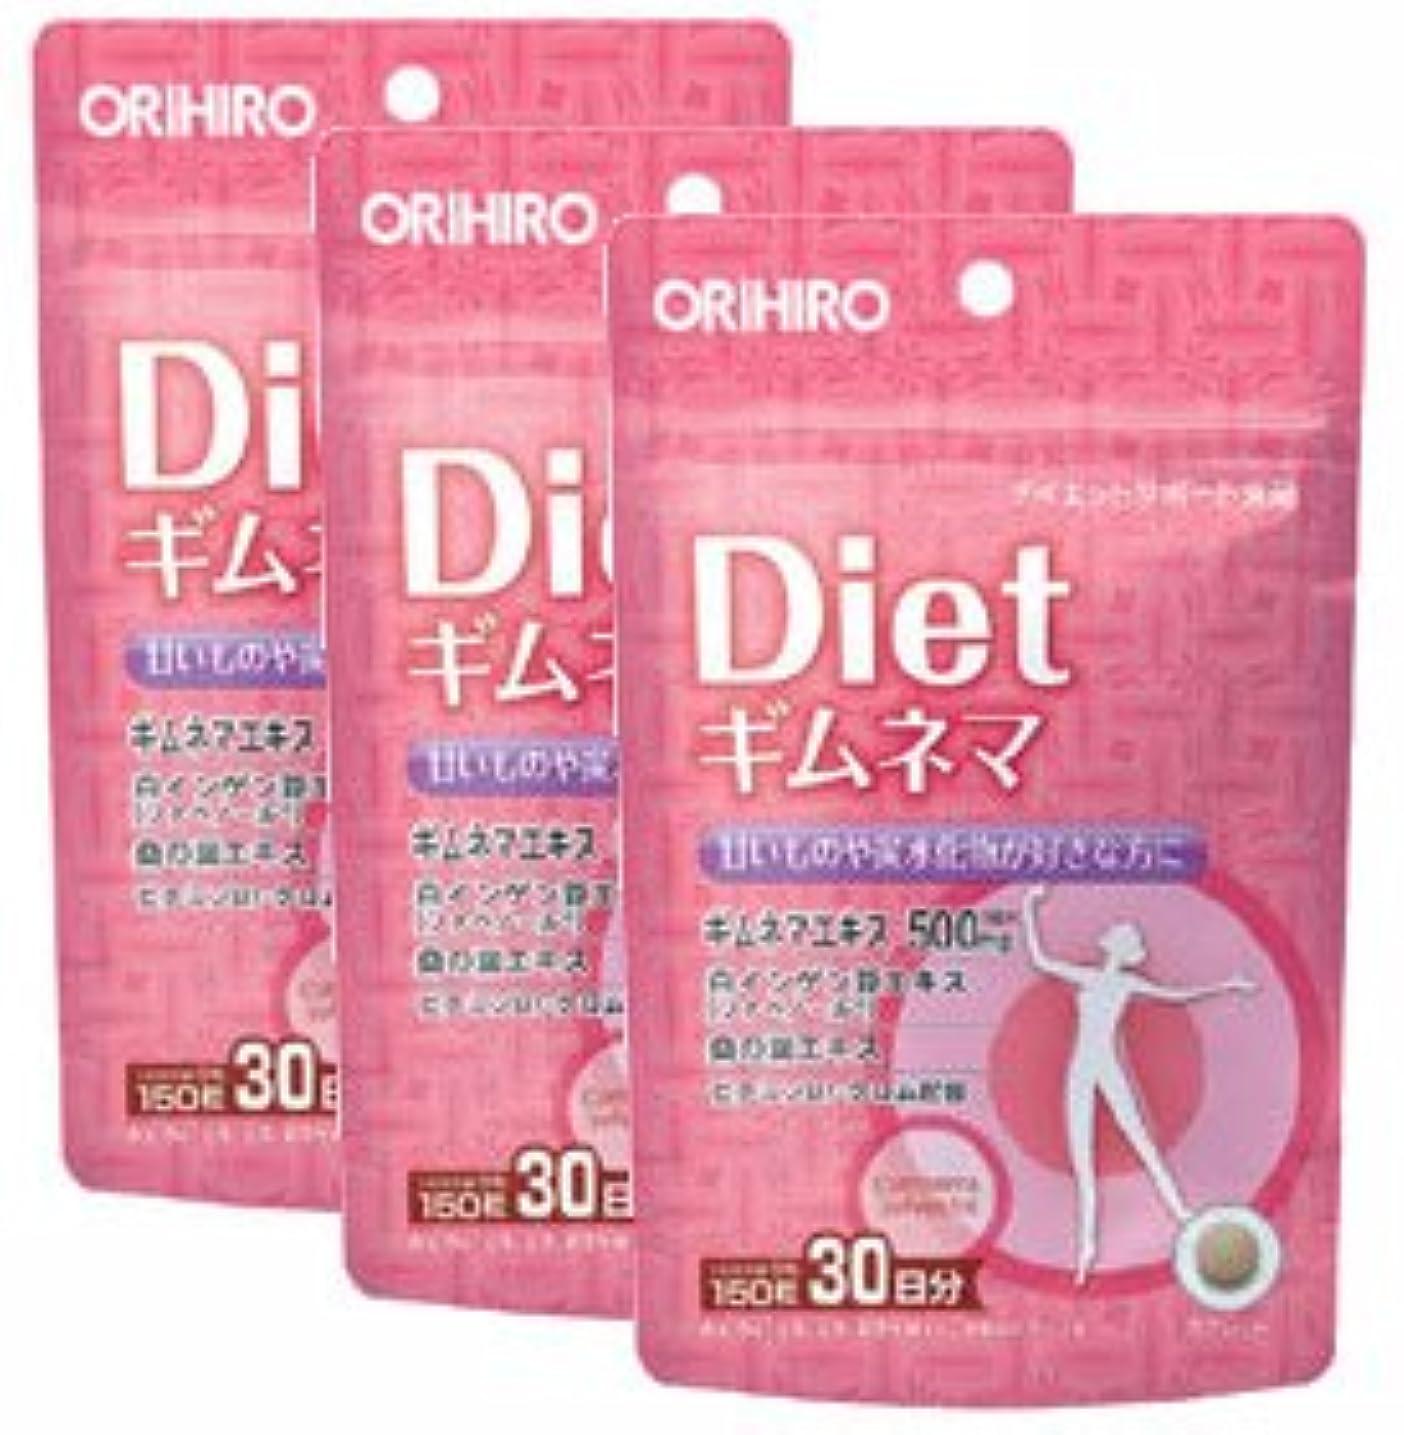 別にセッション外国人Dietギムネマ PD【3袋セット】オリヒロ